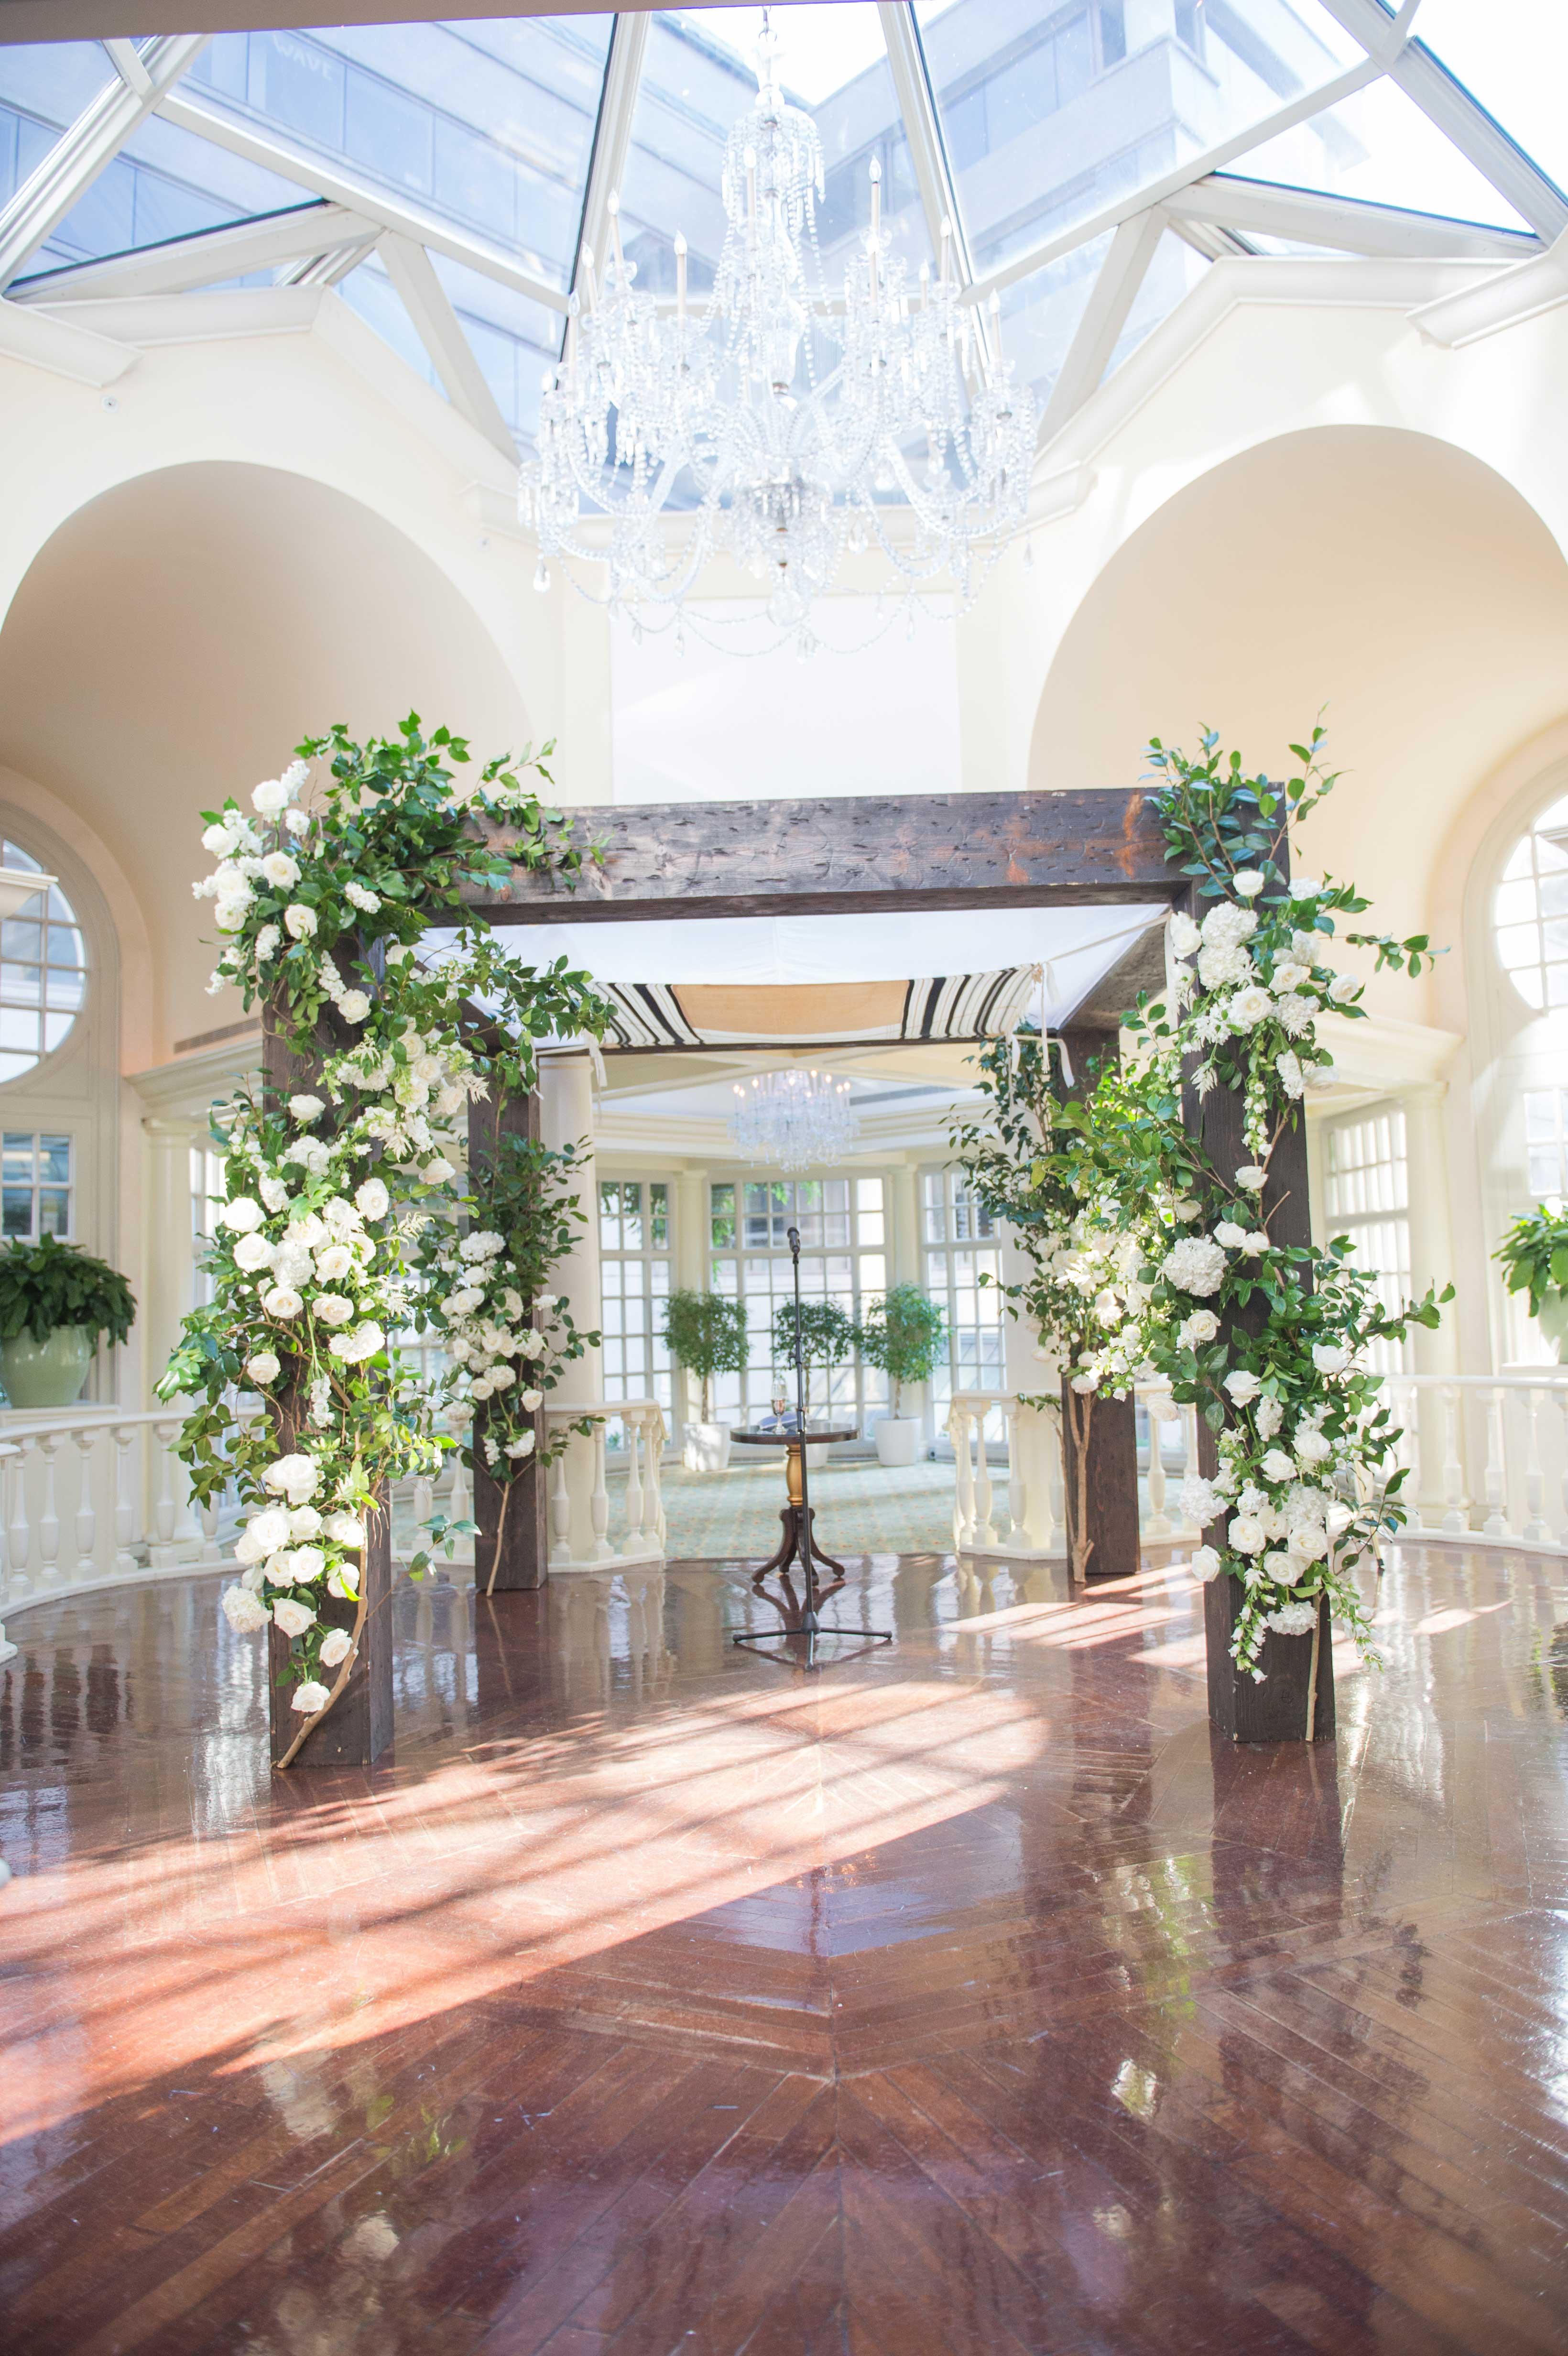 large chuppah made of wooden columns on hardwood floor for indoor wedding